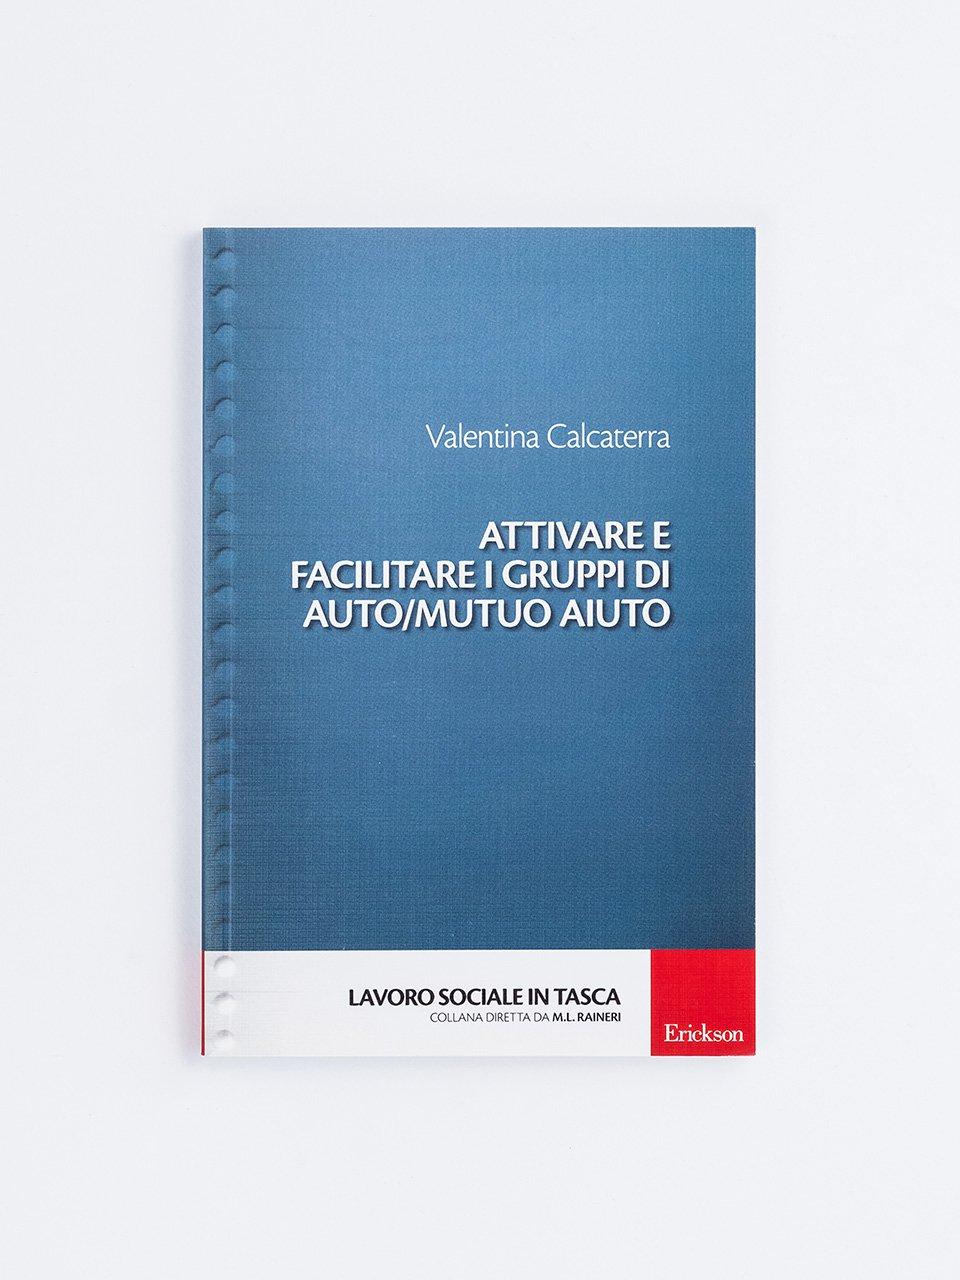 Attivare e facilitare i gruppi di auto/mutuo aiuto - Il disturbo da accumulo e la sua valutazione - Libri - Erickson